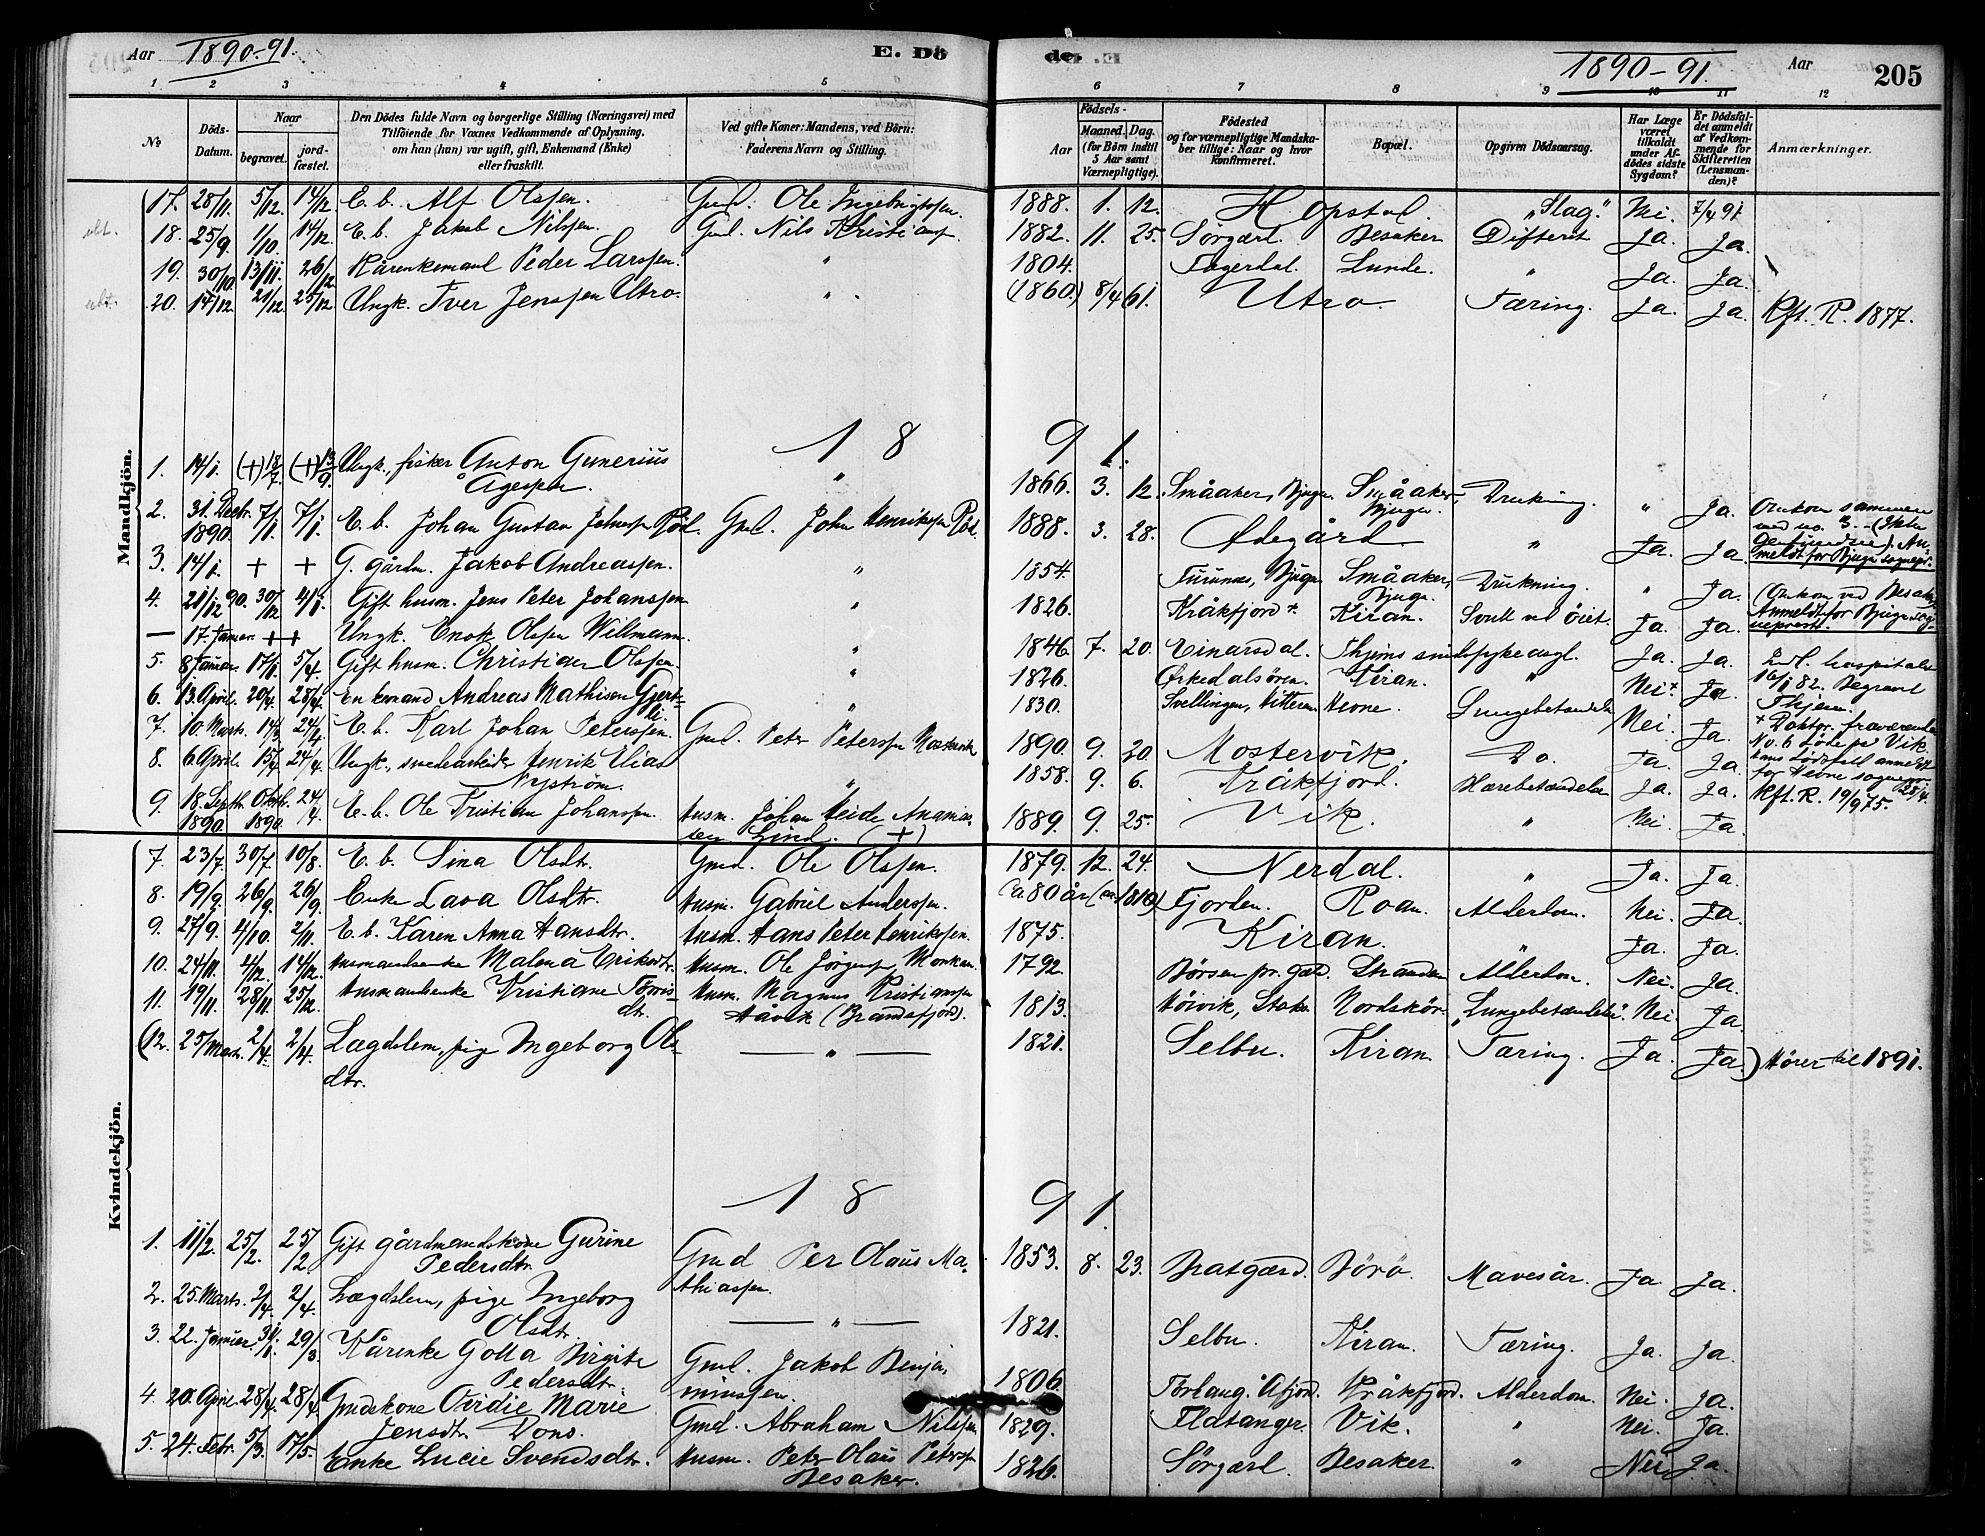 SAT, Ministerialprotokoller, klokkerbøker og fødselsregistre - Sør-Trøndelag, 657/L0707: Ministerialbok nr. 657A08, 1879-1893, s. 205